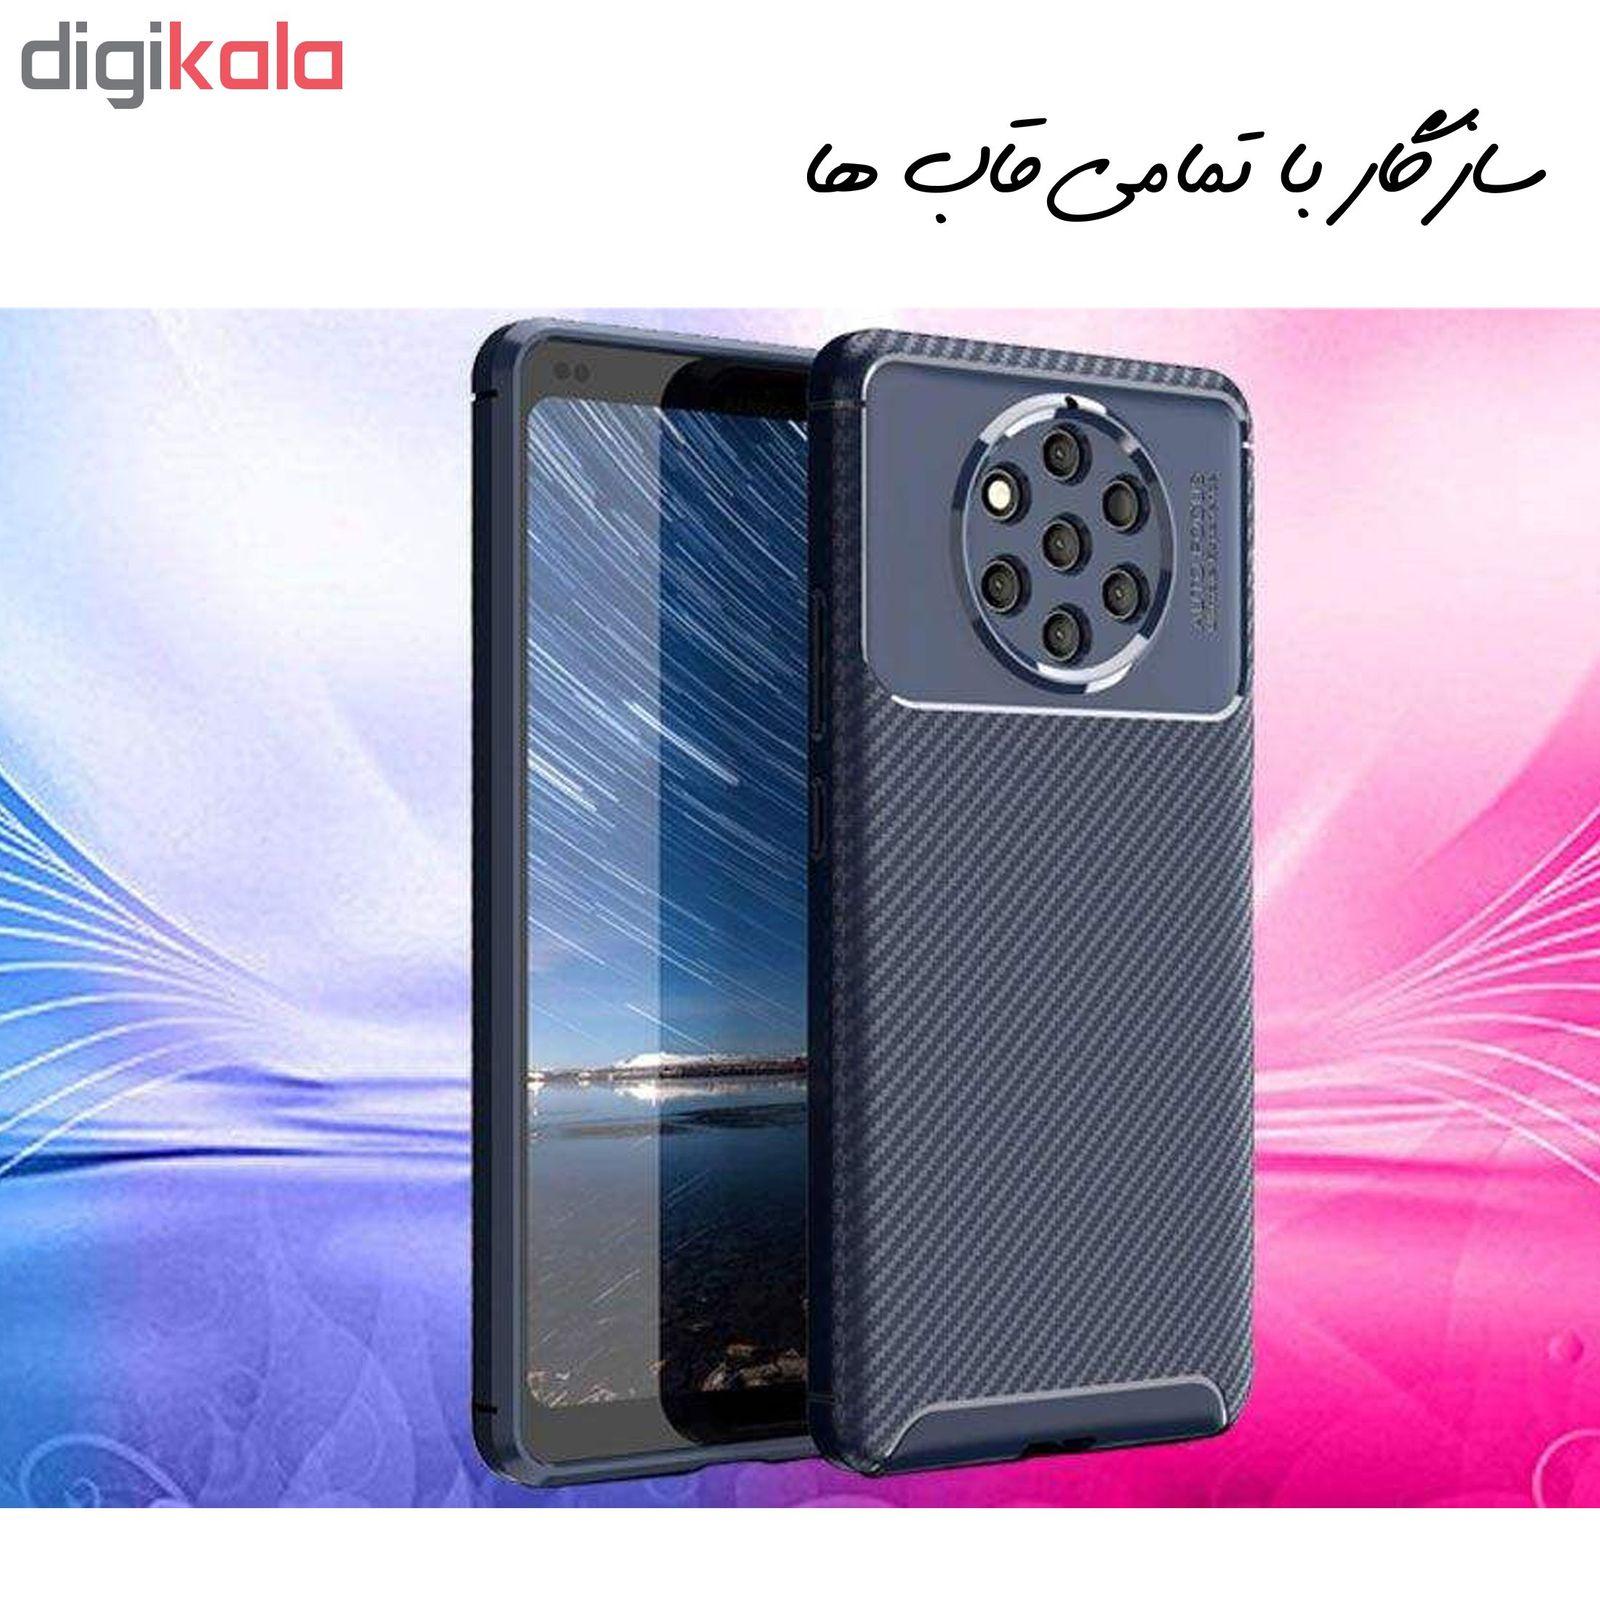 محافظ صفحه نمایش Hard and thick مدل F-01 مناسب برای گوشی موبایل سامسونگ Galaxy A7 2018 main 1 5